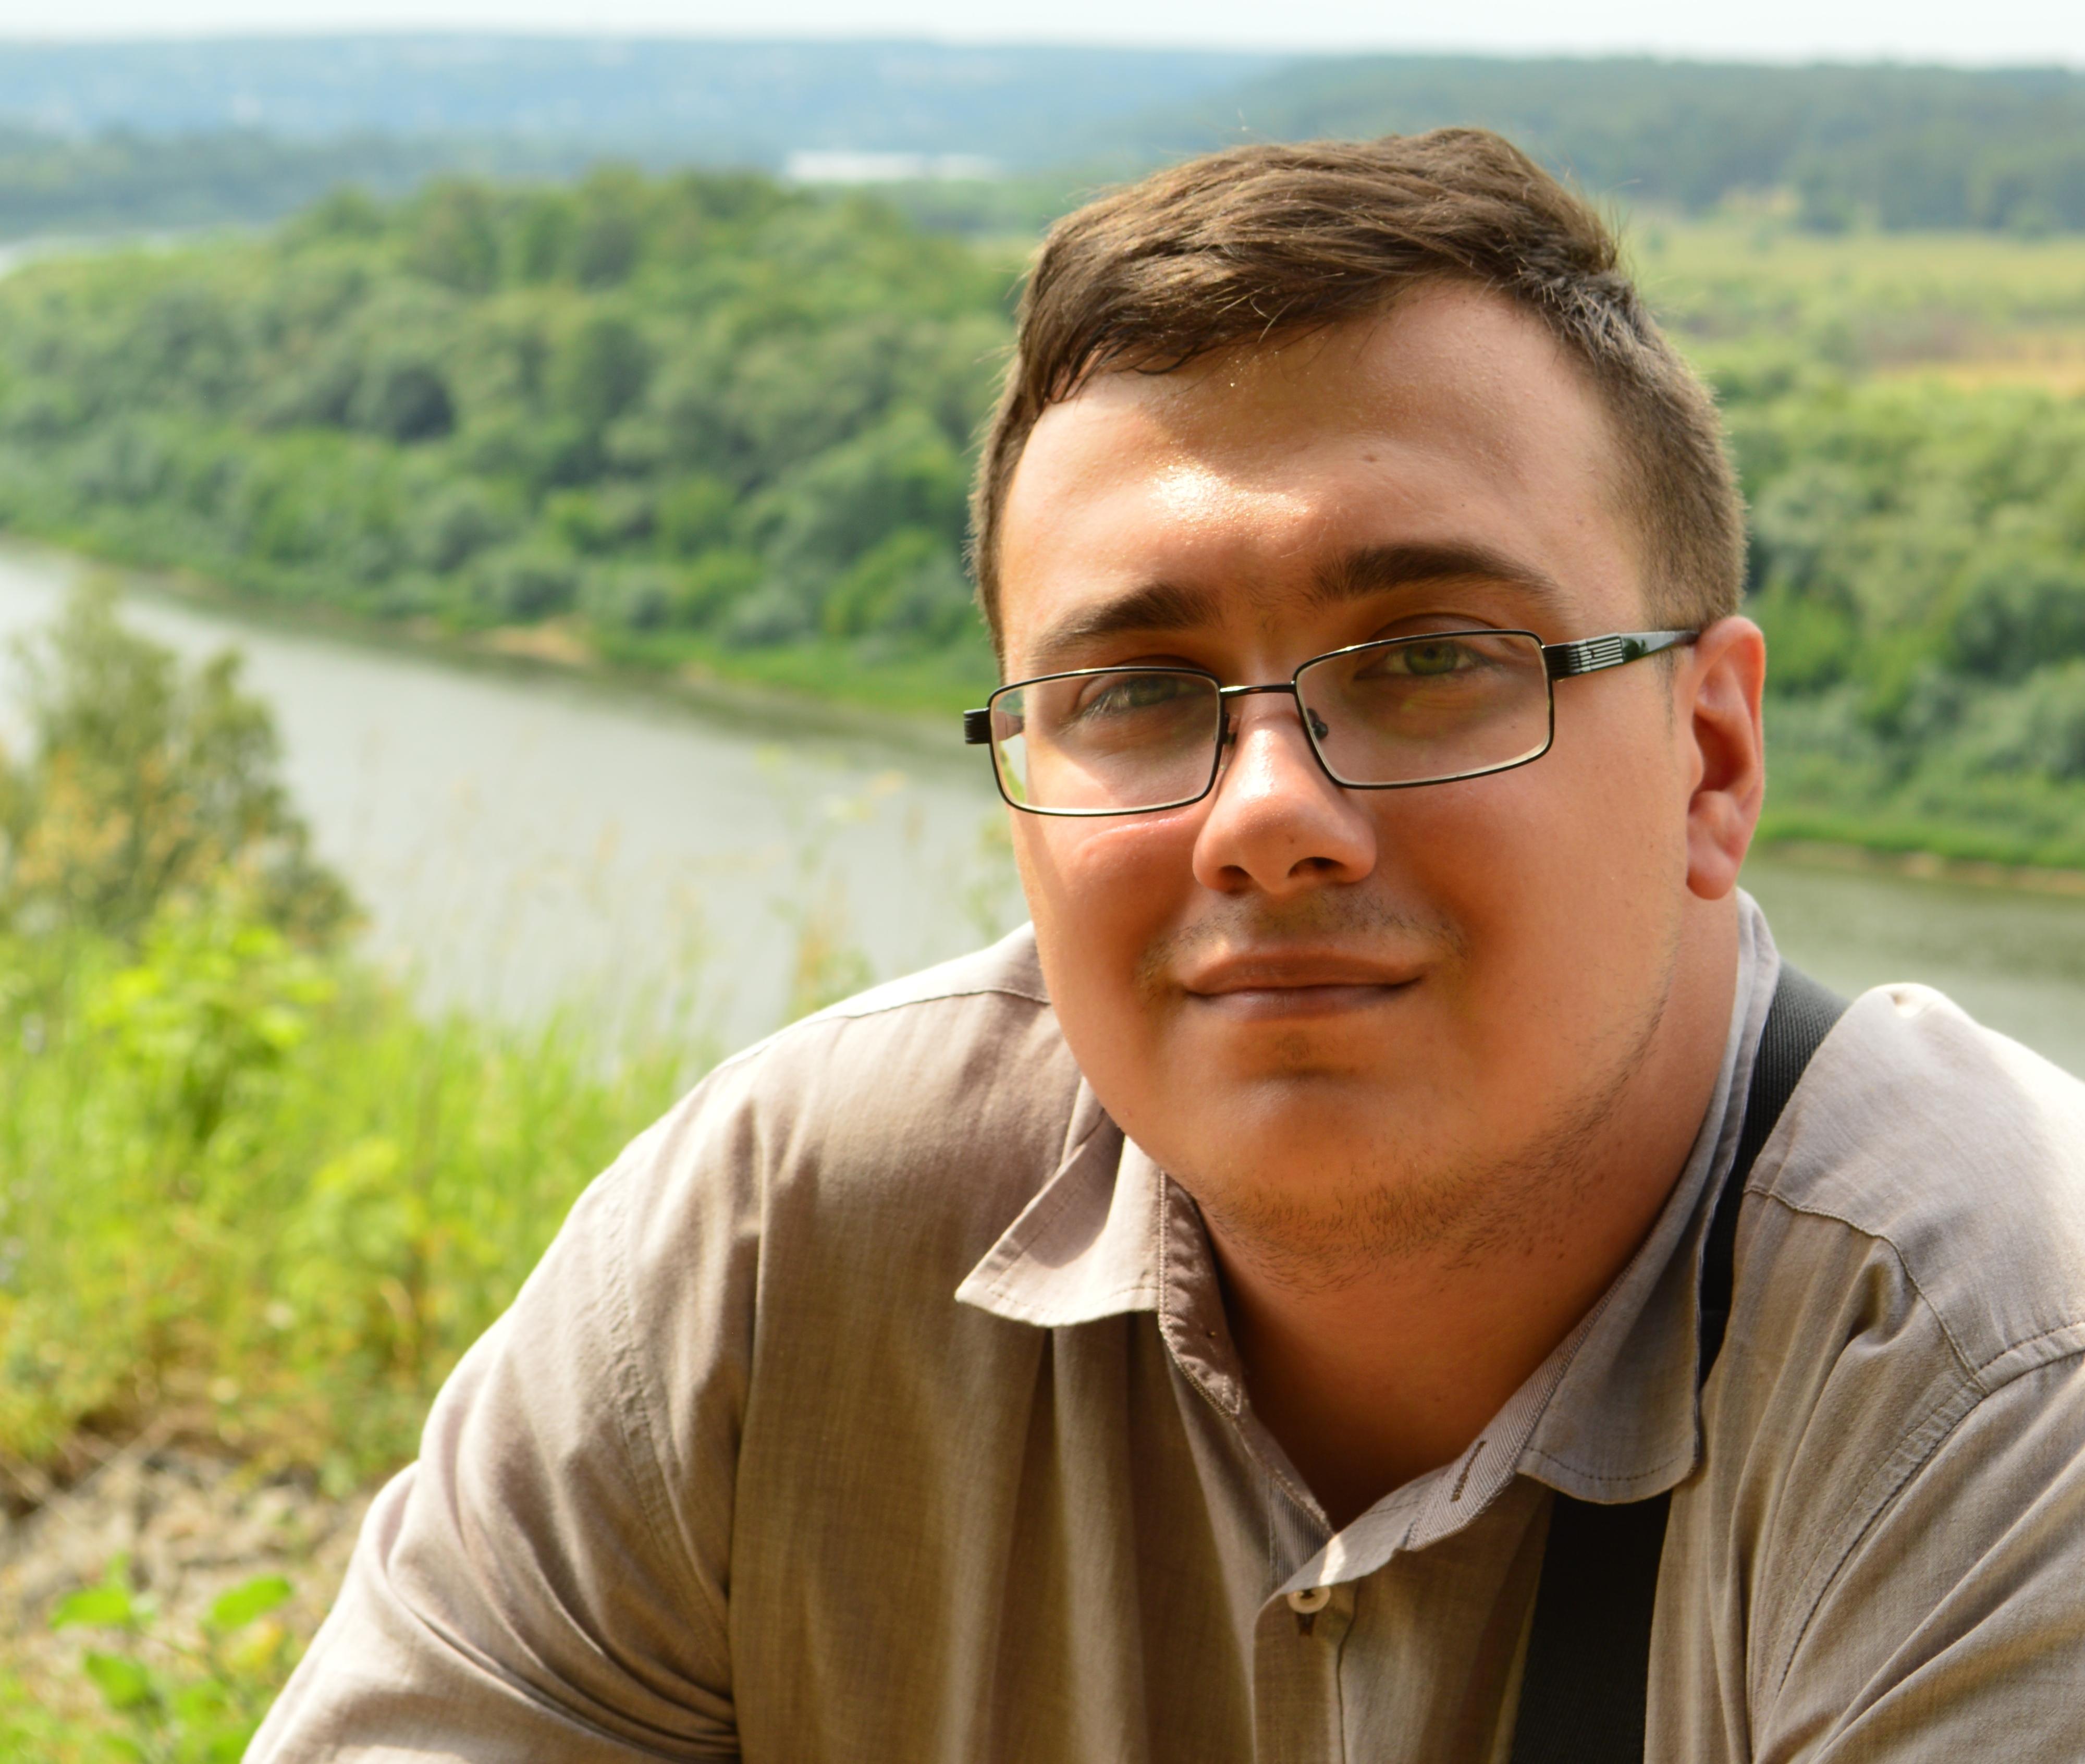 Виктор Вяличкин: «Свобода, равенство, братство есть только в OpenStreetMap, где все всегда на виду»